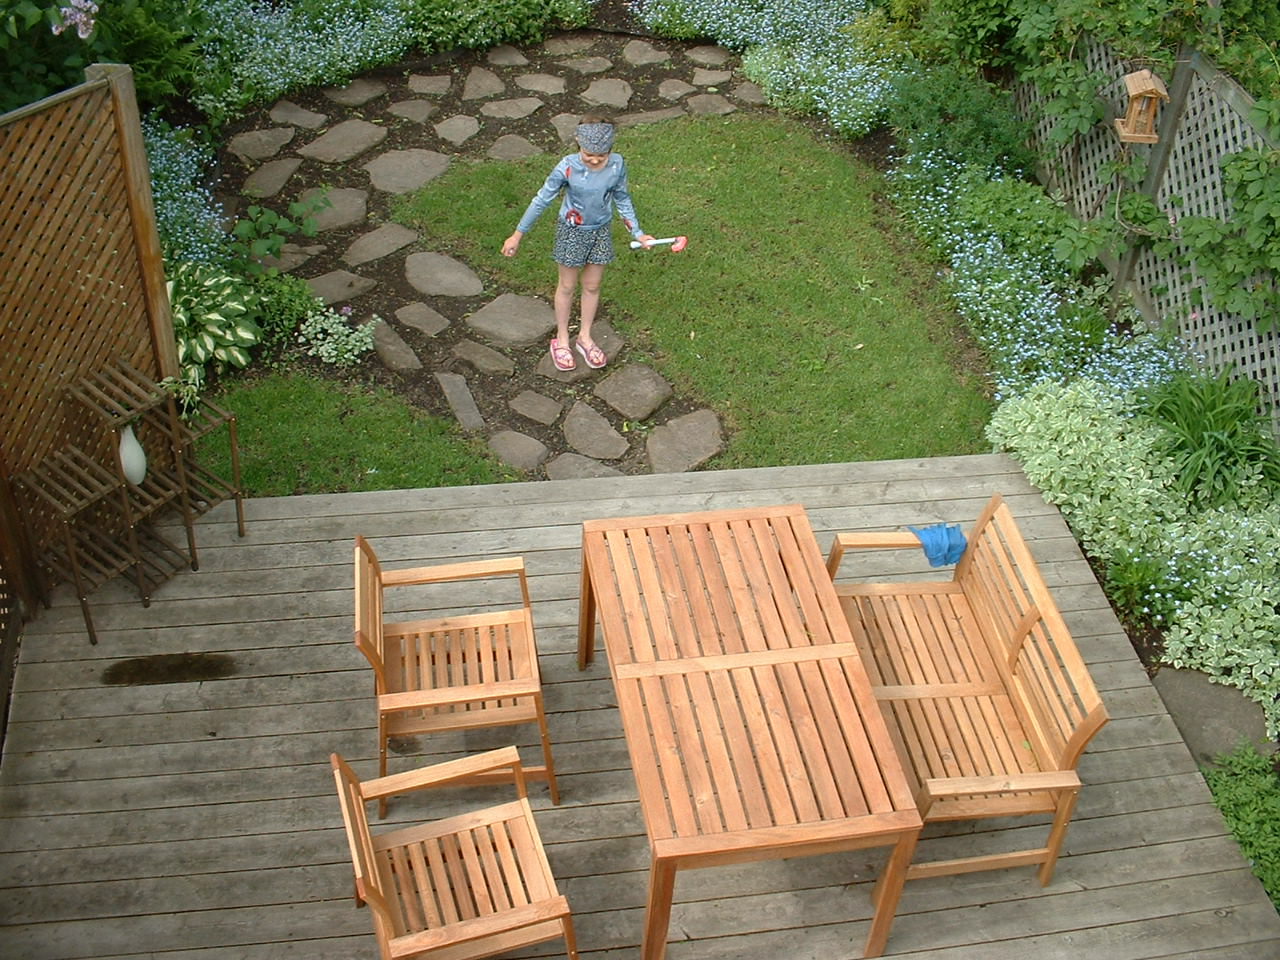 salon de jardin ikea applaro the best